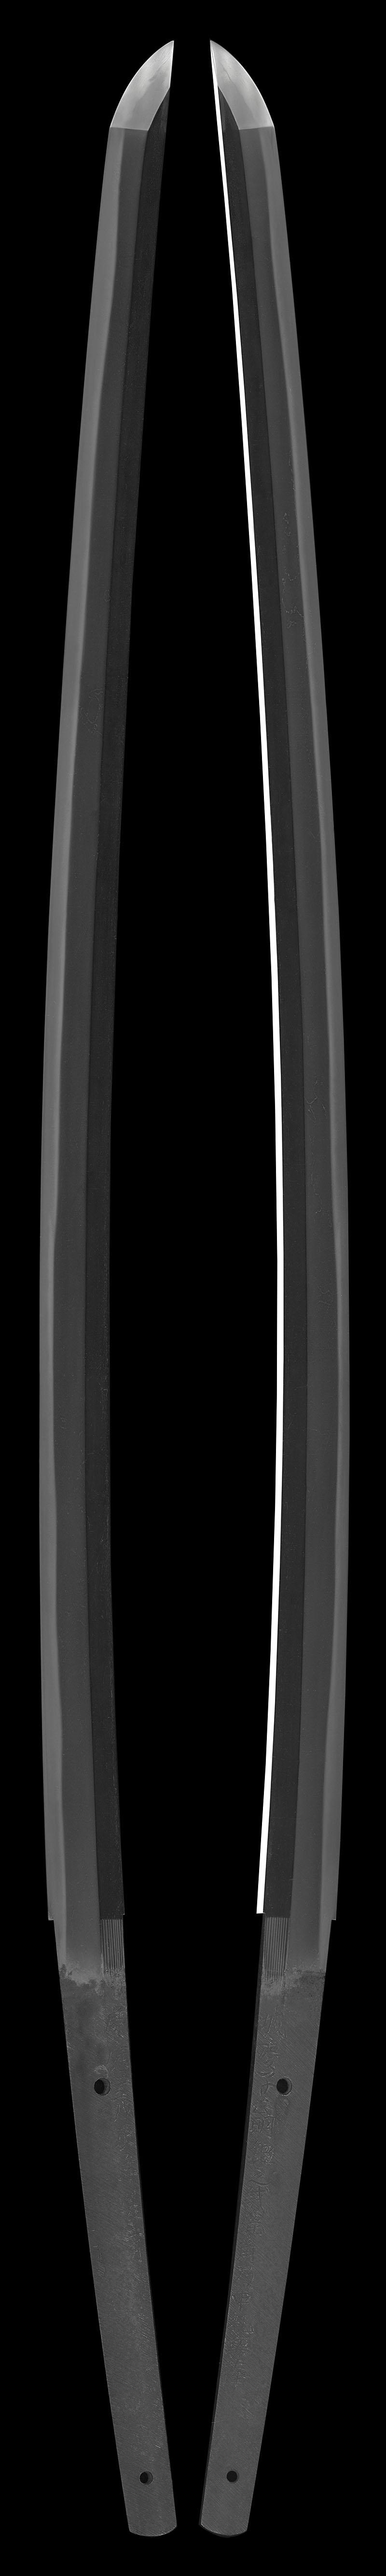 刀 城慶子正明鍛之試鹿角及甲礼與棒 (新々刀上作)  慶応二二戌辰年夏五月 全体画像